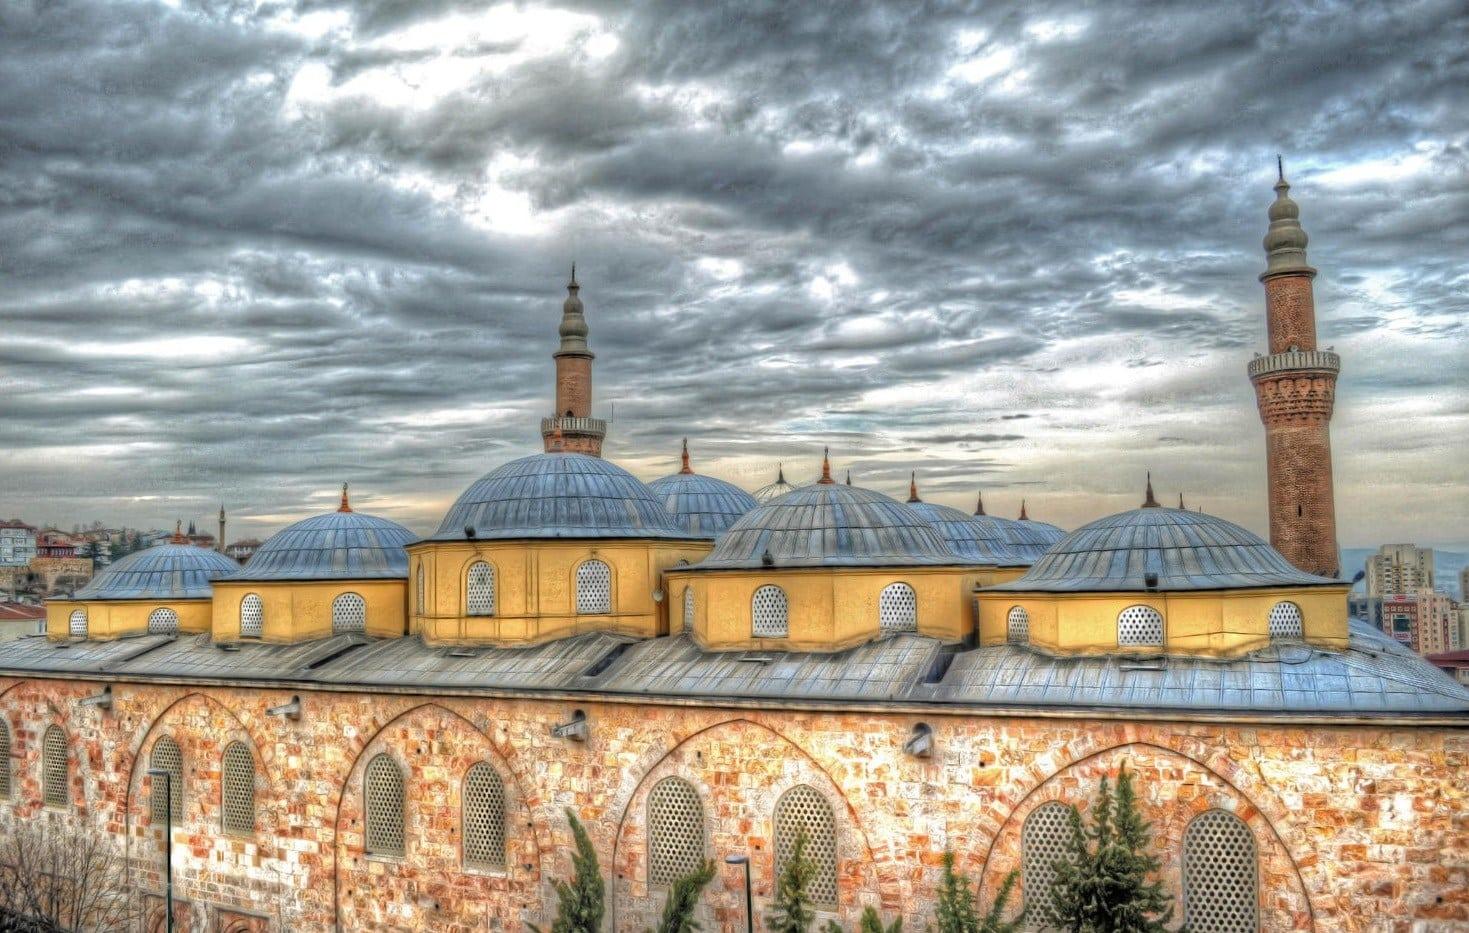 الانشطة السياحية فى جامع بورصة الكبير تركيا |جامع بورصة الكبير تركيا